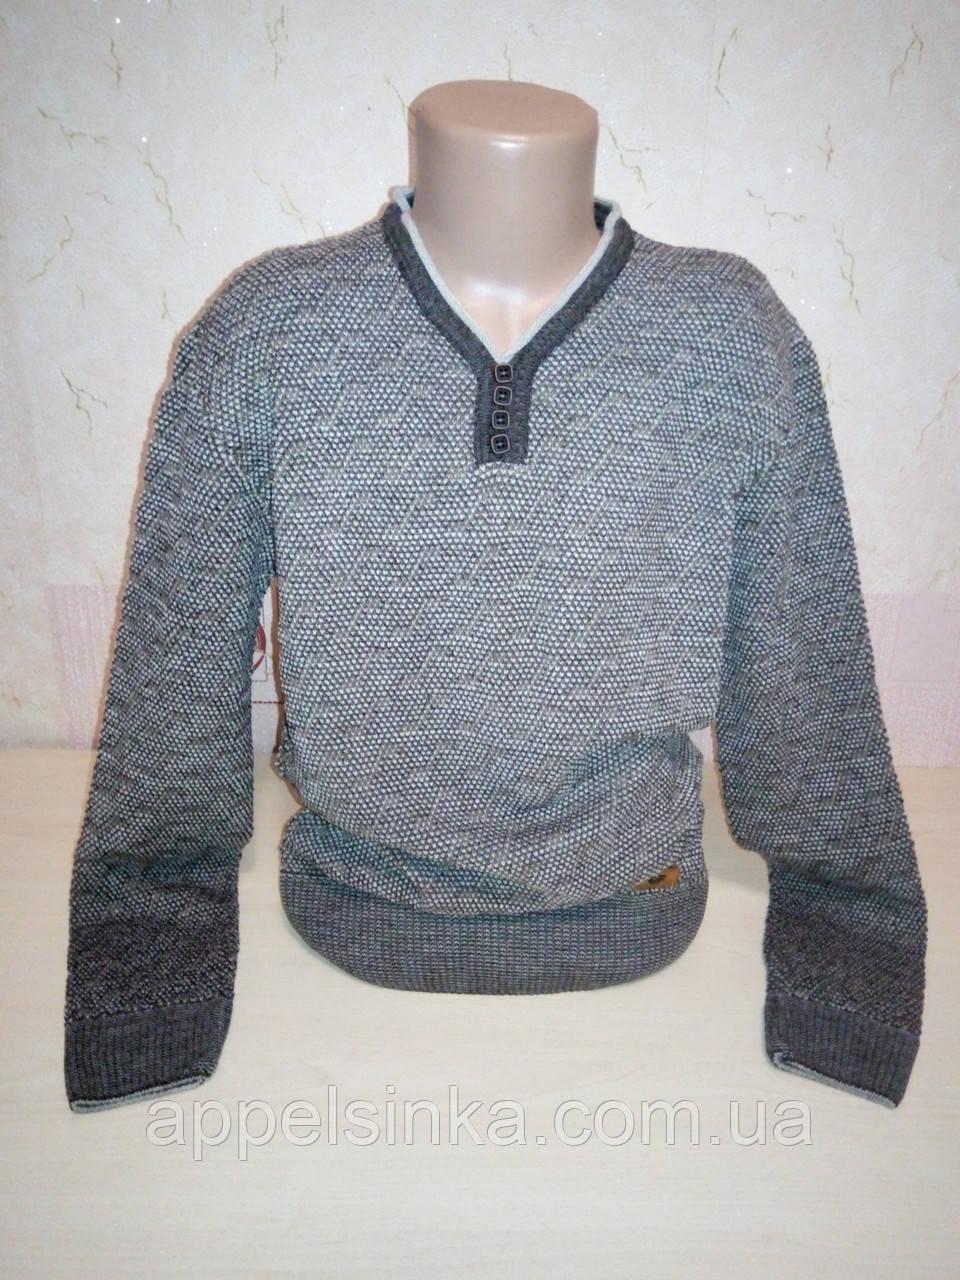 вязаный свитер для мальчиков 42размер продажа цена в краматорске